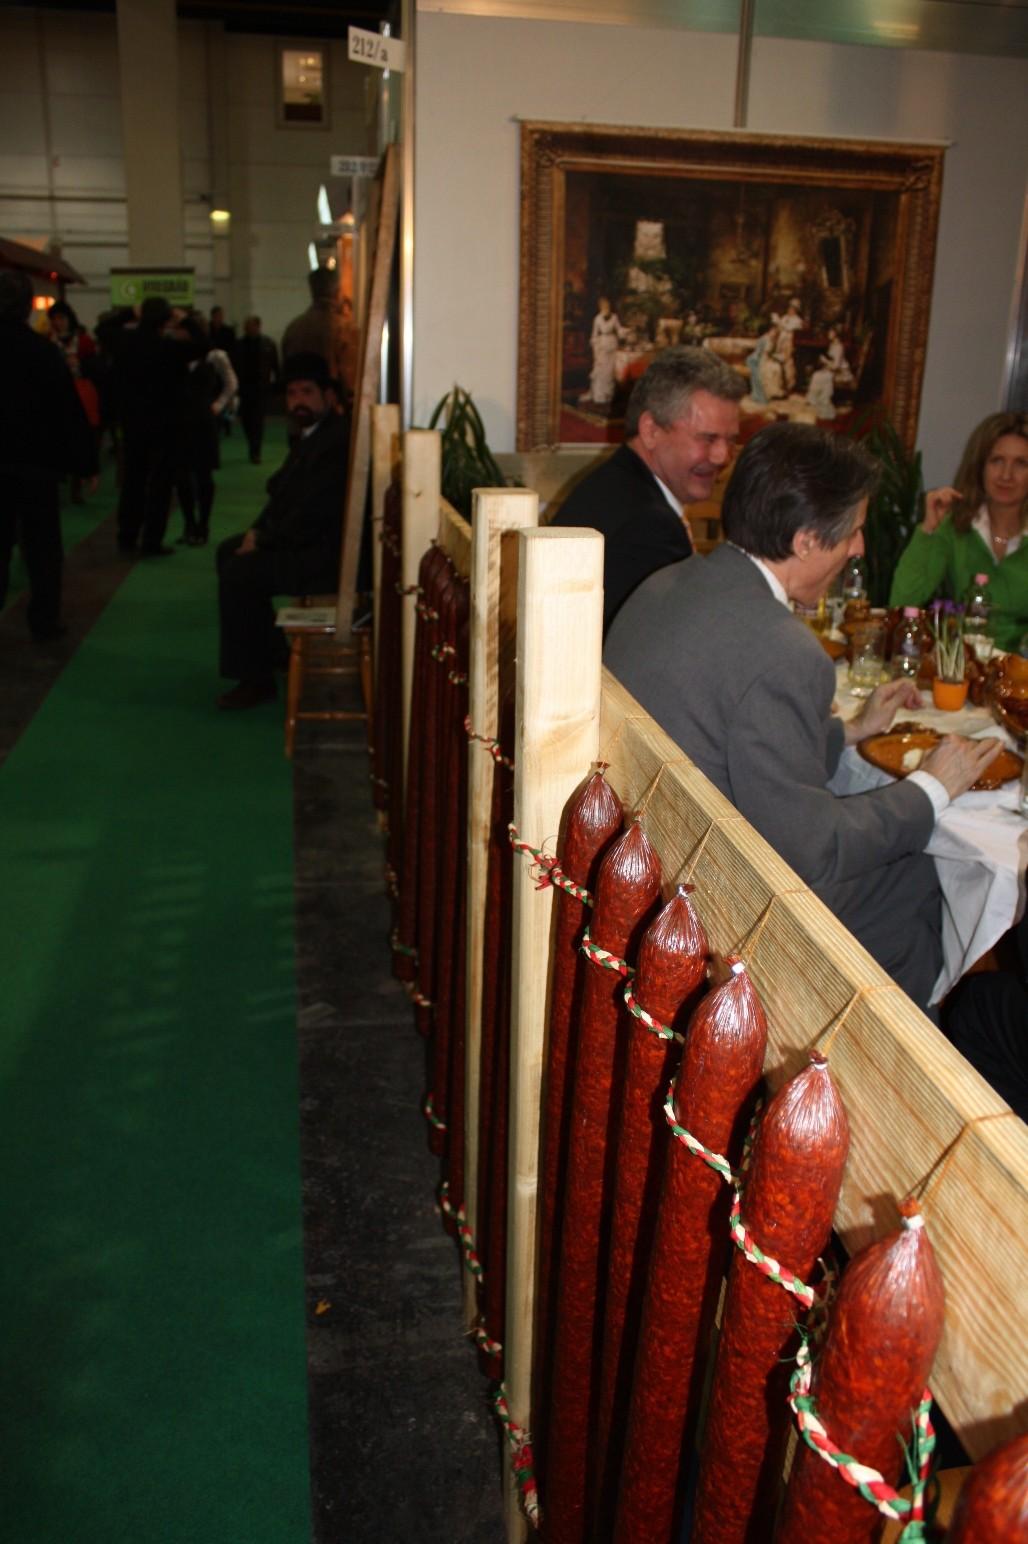 ac8660c64d Vantara Gyula - Békéscsaba a budapesti Utazás 2010 Kiállításon